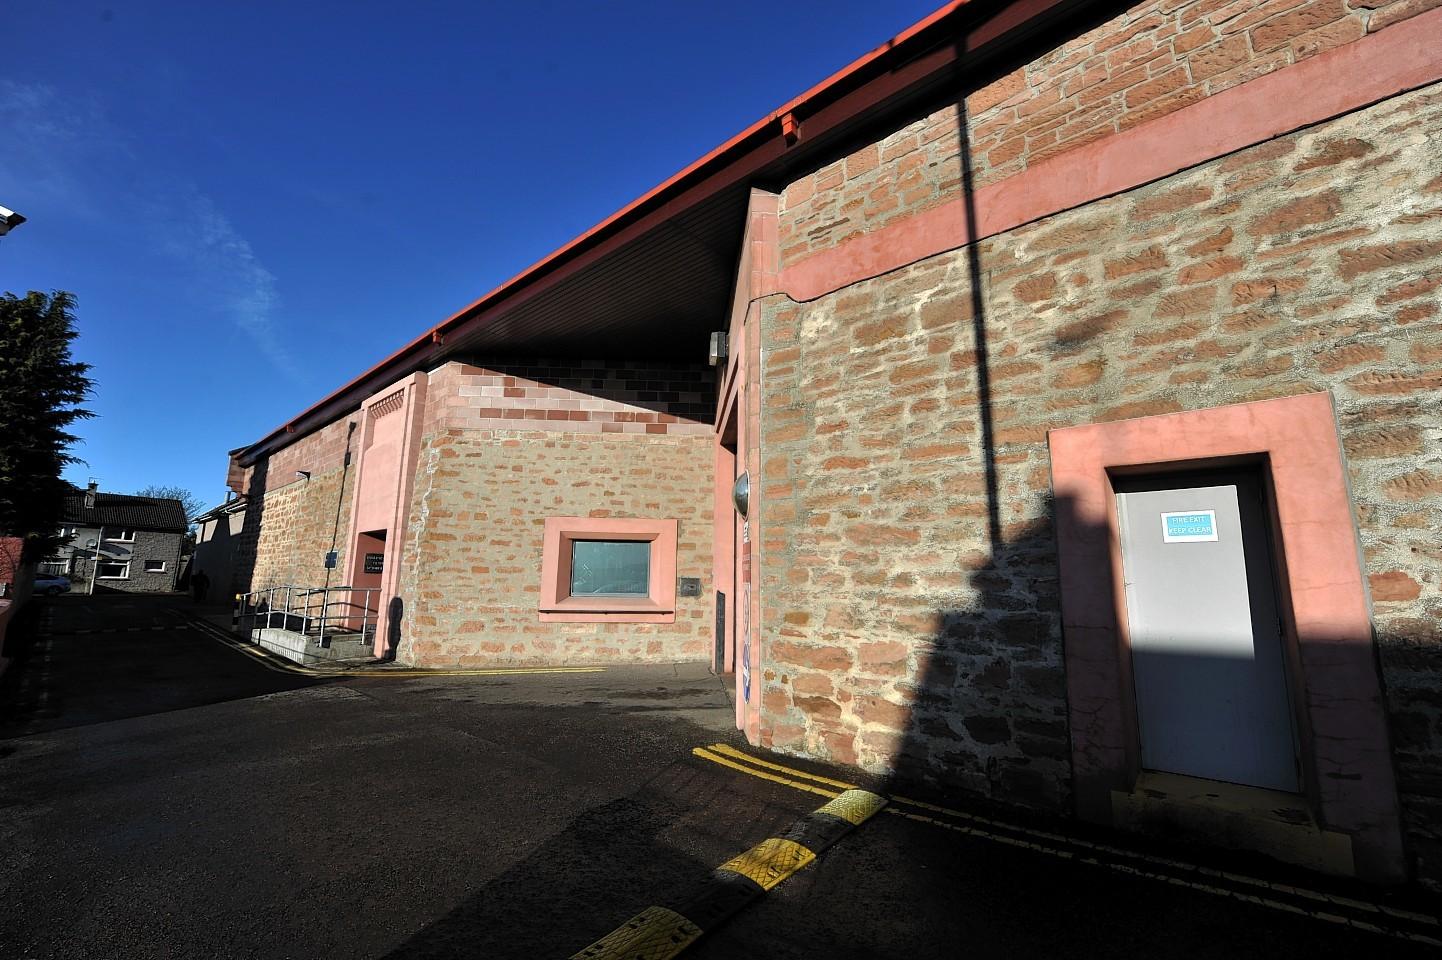 Invernes prison